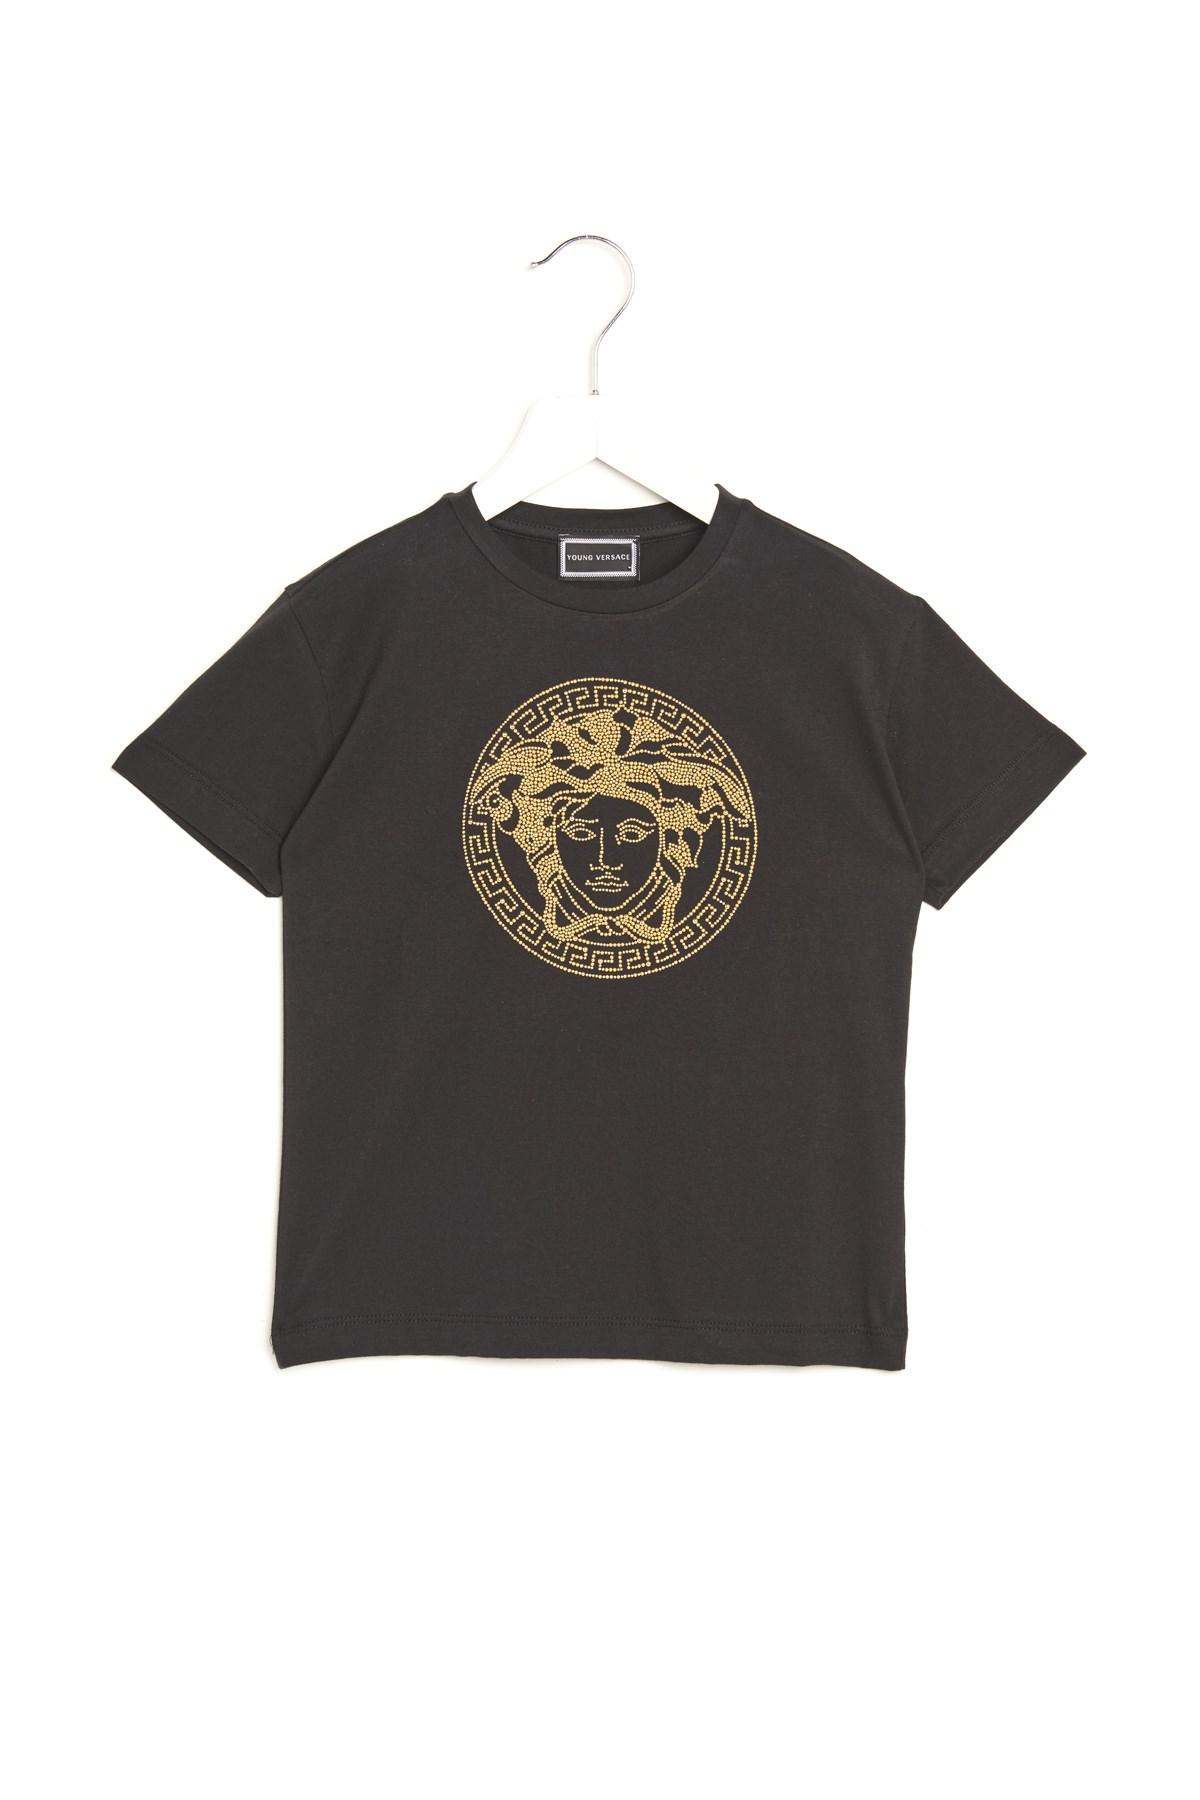 de4c20d64 young versace 'Medusa' t-shirt available on julian-fashion.com - 62521